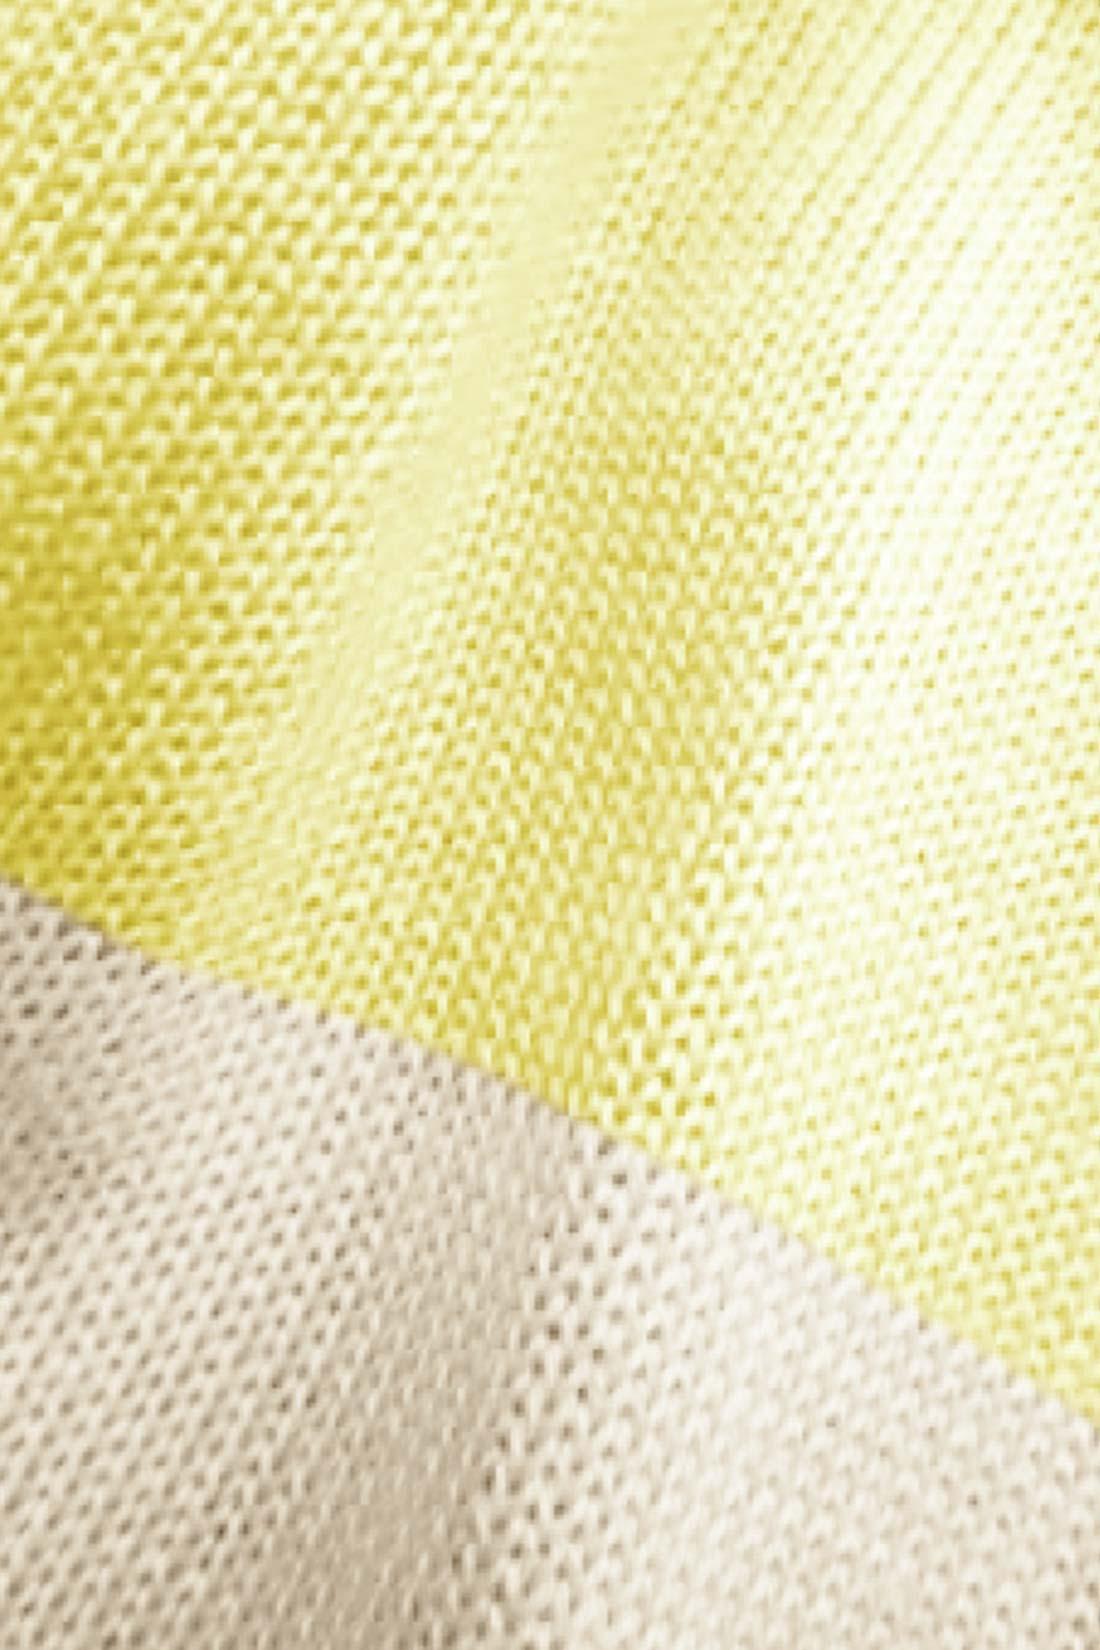 ■軽やかニット。 薄手のニットだからさらさら。裏地がひざのところまで付いているから、透け感も気にならないよ。 ※お届けするカラーとは異なります。